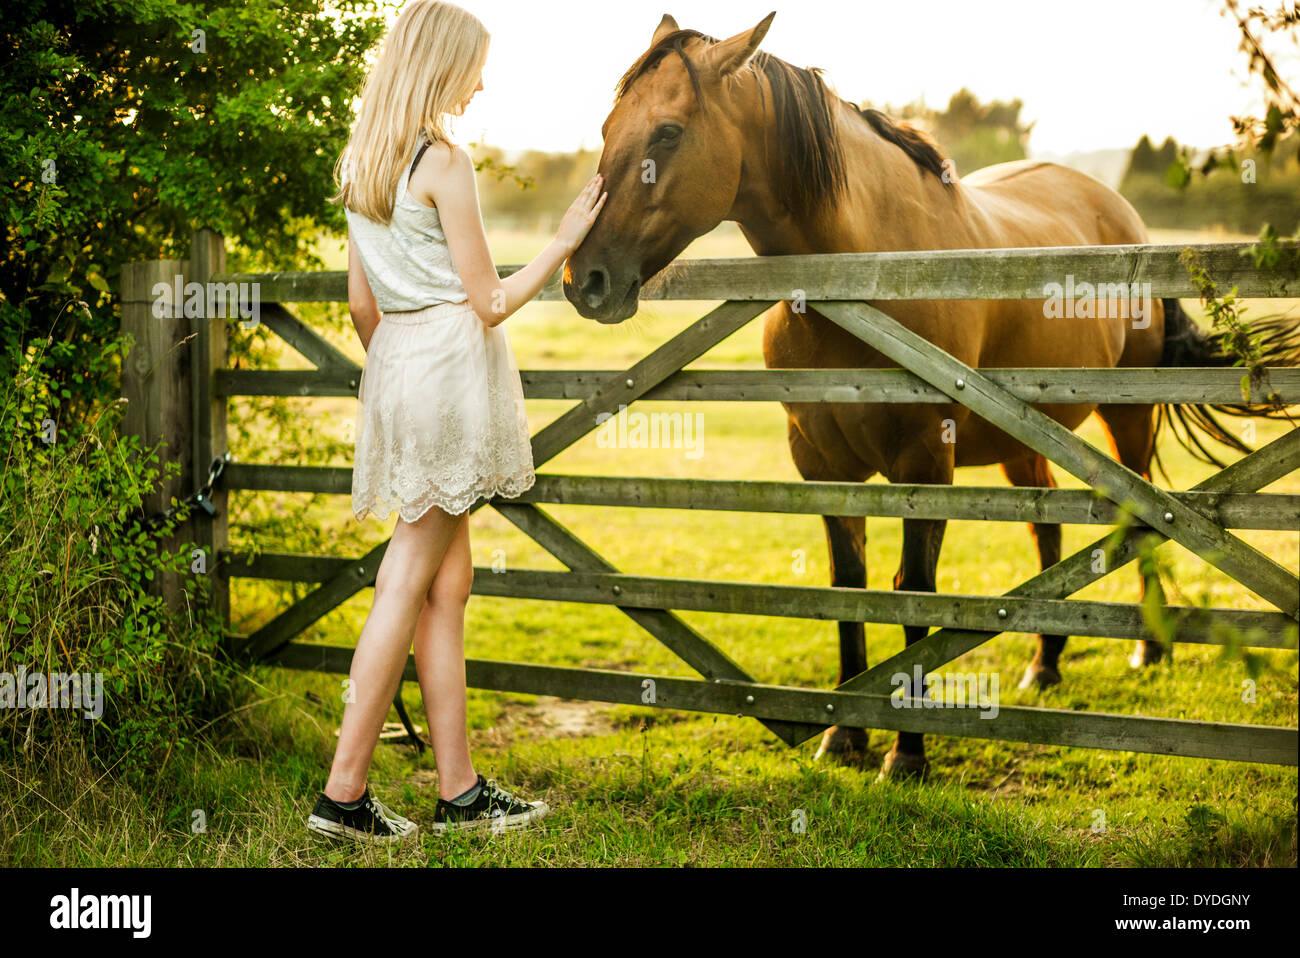 Ein 15 Jahre altes Mädchen mit einem Pferd. Stockbild